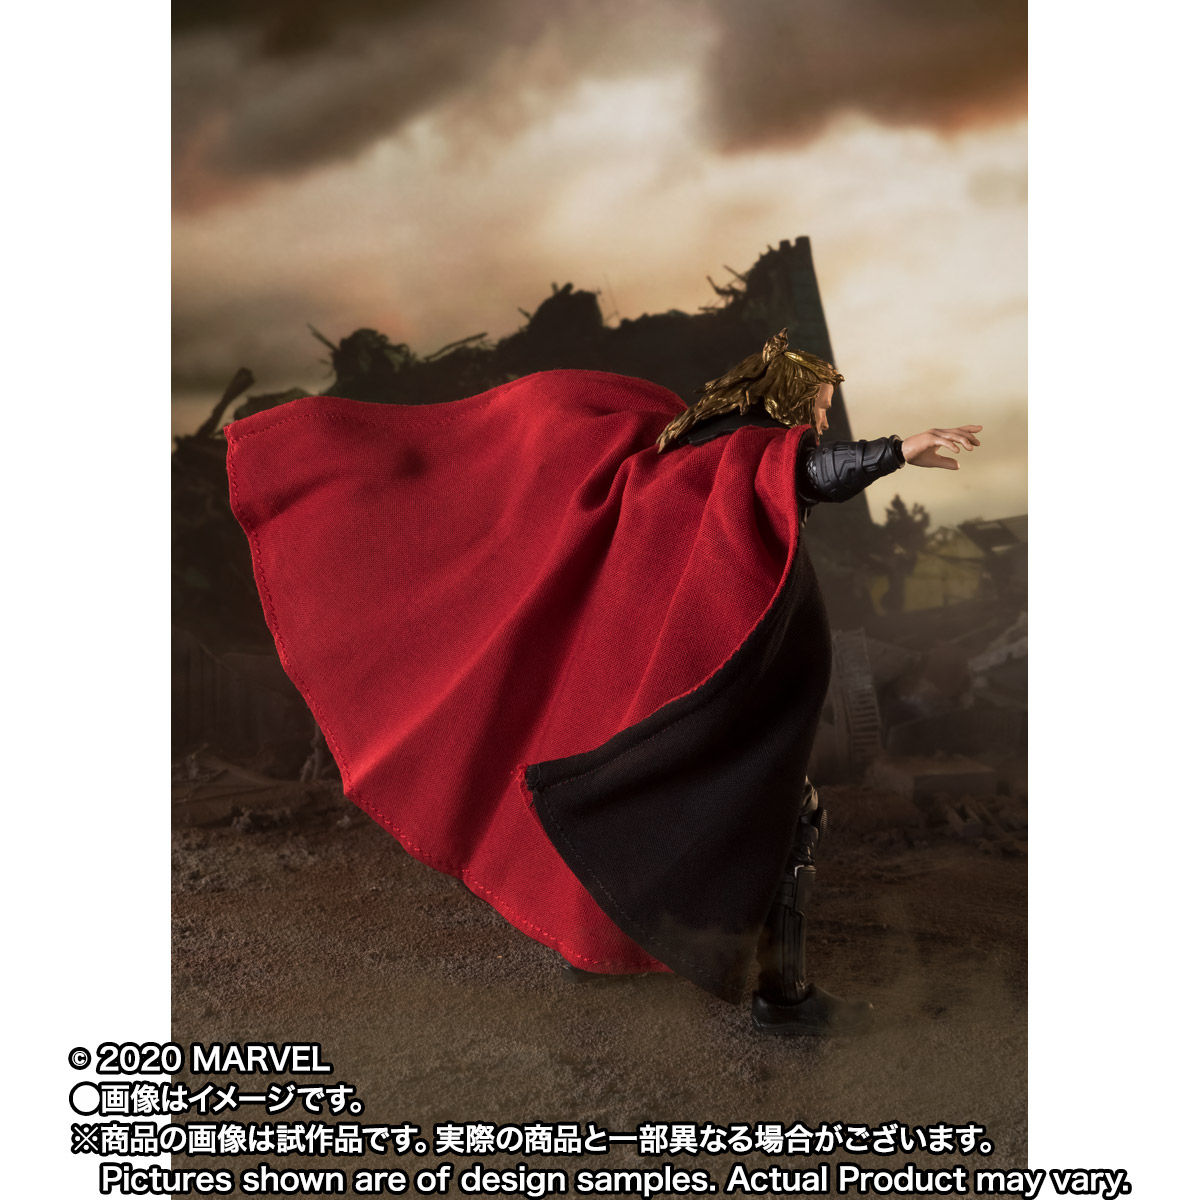 【限定販売】S.H.Figuarts『ソー -《FINAL BATTLE》 EDITION-』アベンジャーズ/エンドゲーム 可動フィギュア-004